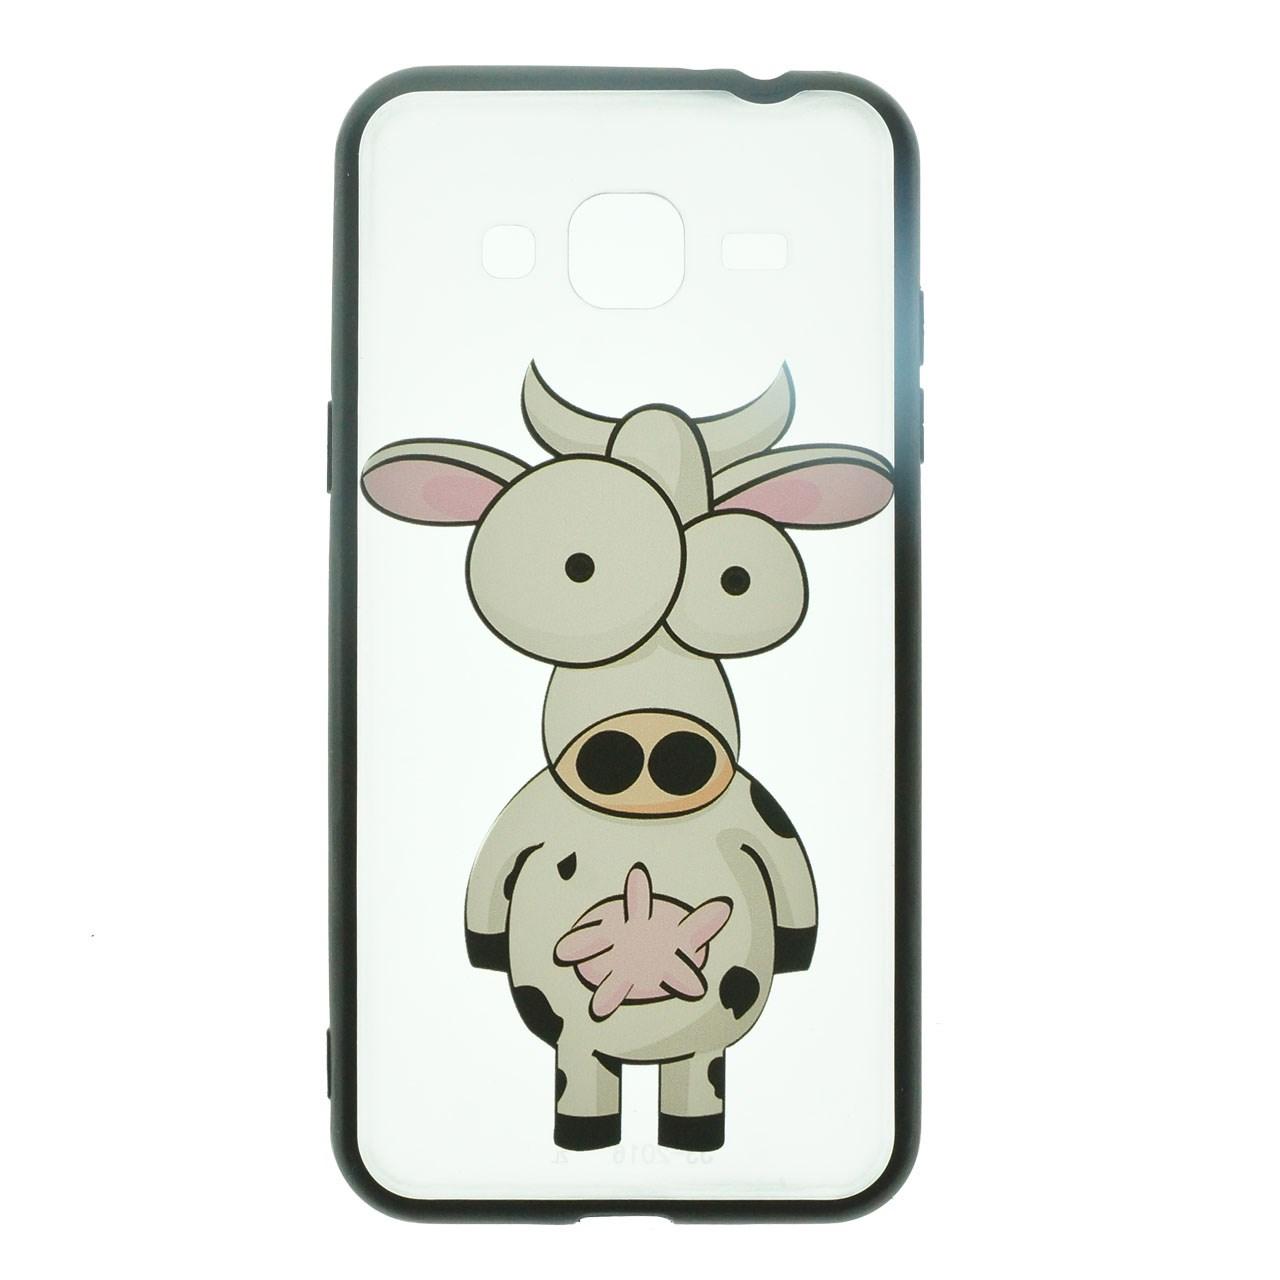 کاور زوو مدل A cow مناسب برای گوشی  سامسونگ J3 2016